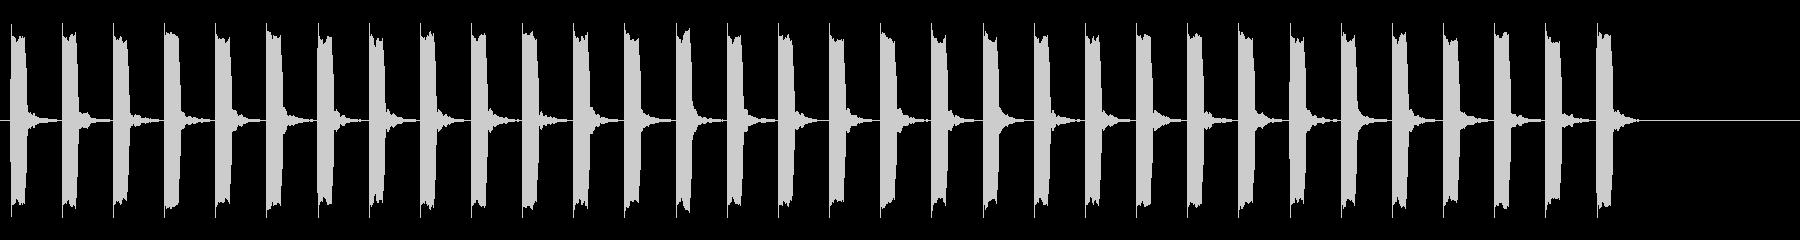 心電図の音-2-9(BPM120)の未再生の波形